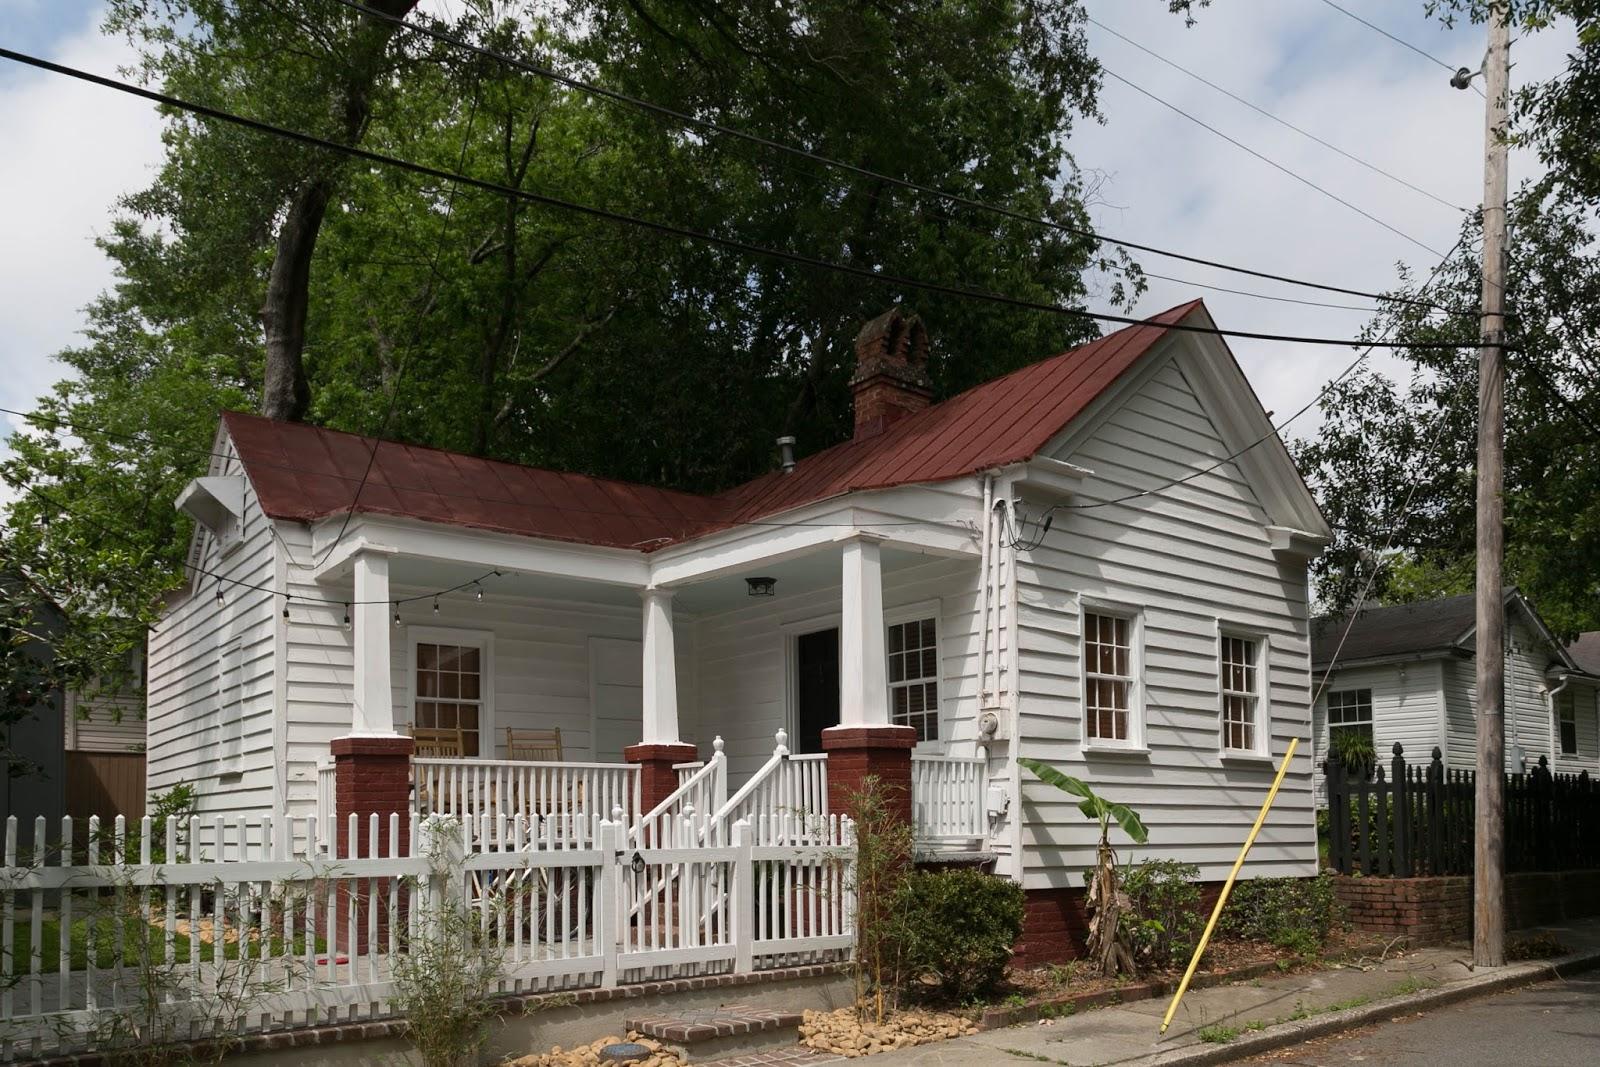 Charleston Daily Photo Teeny Tiny Houses